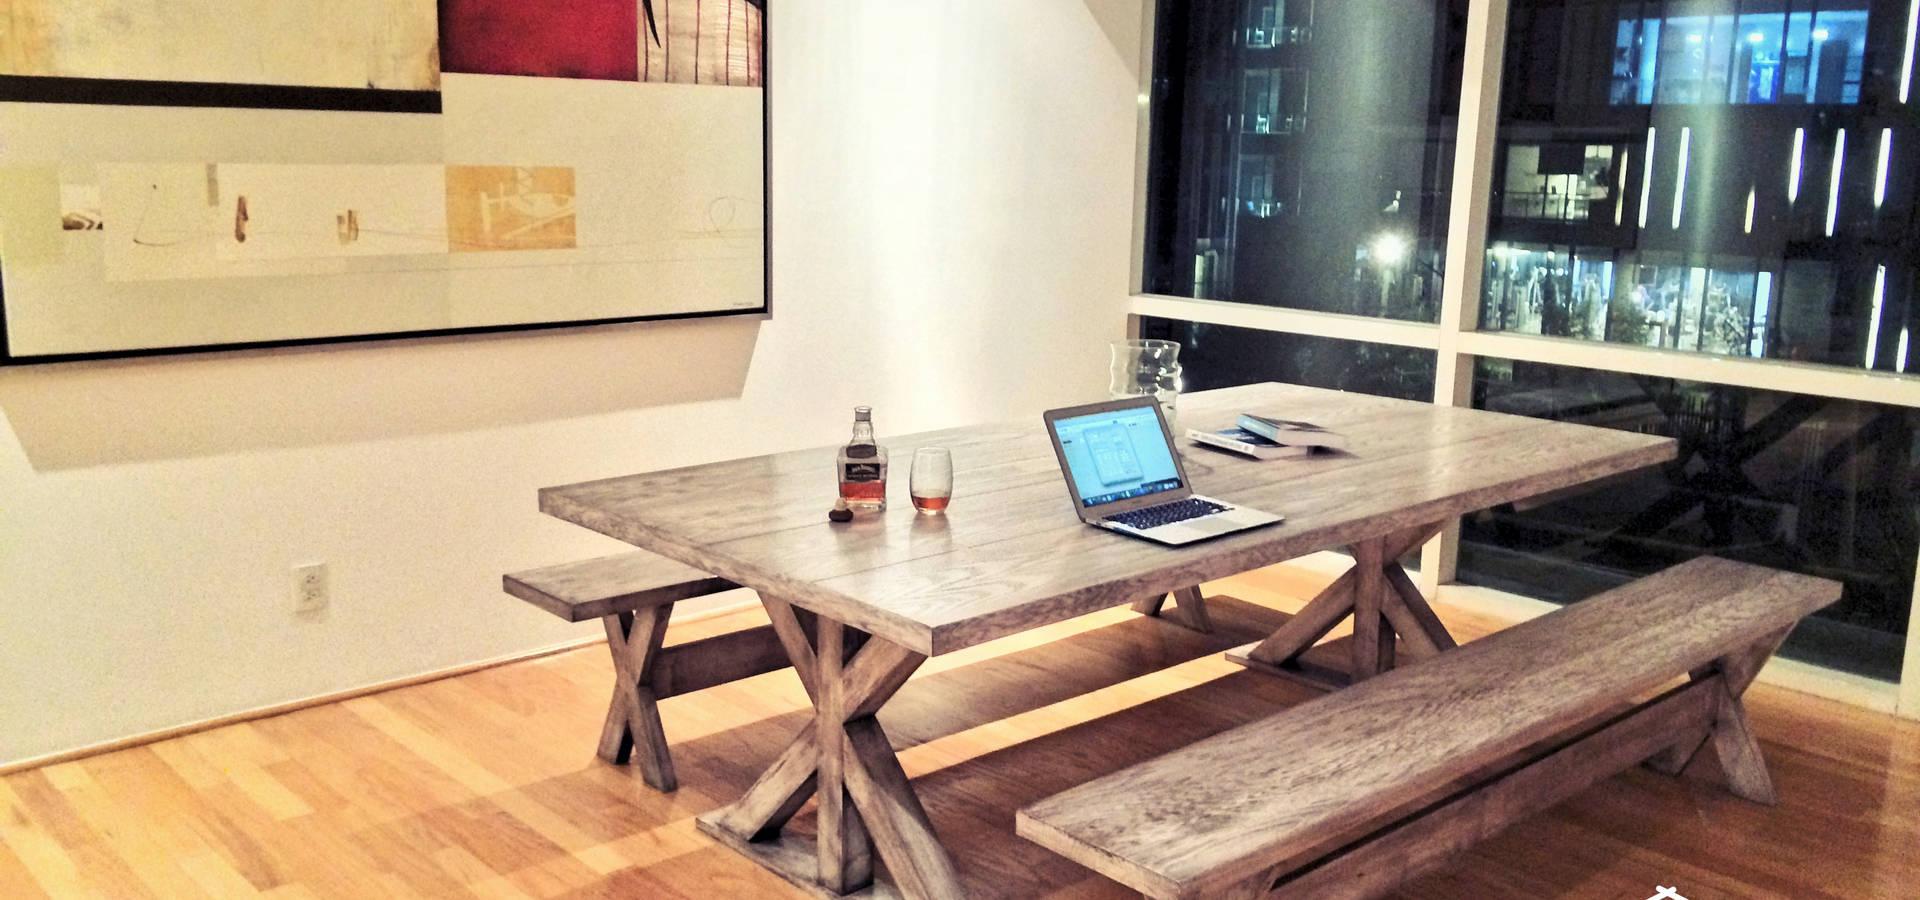 Wood culture decoratori d 39 interni a distrito federal homify - Decoratori d interni ...